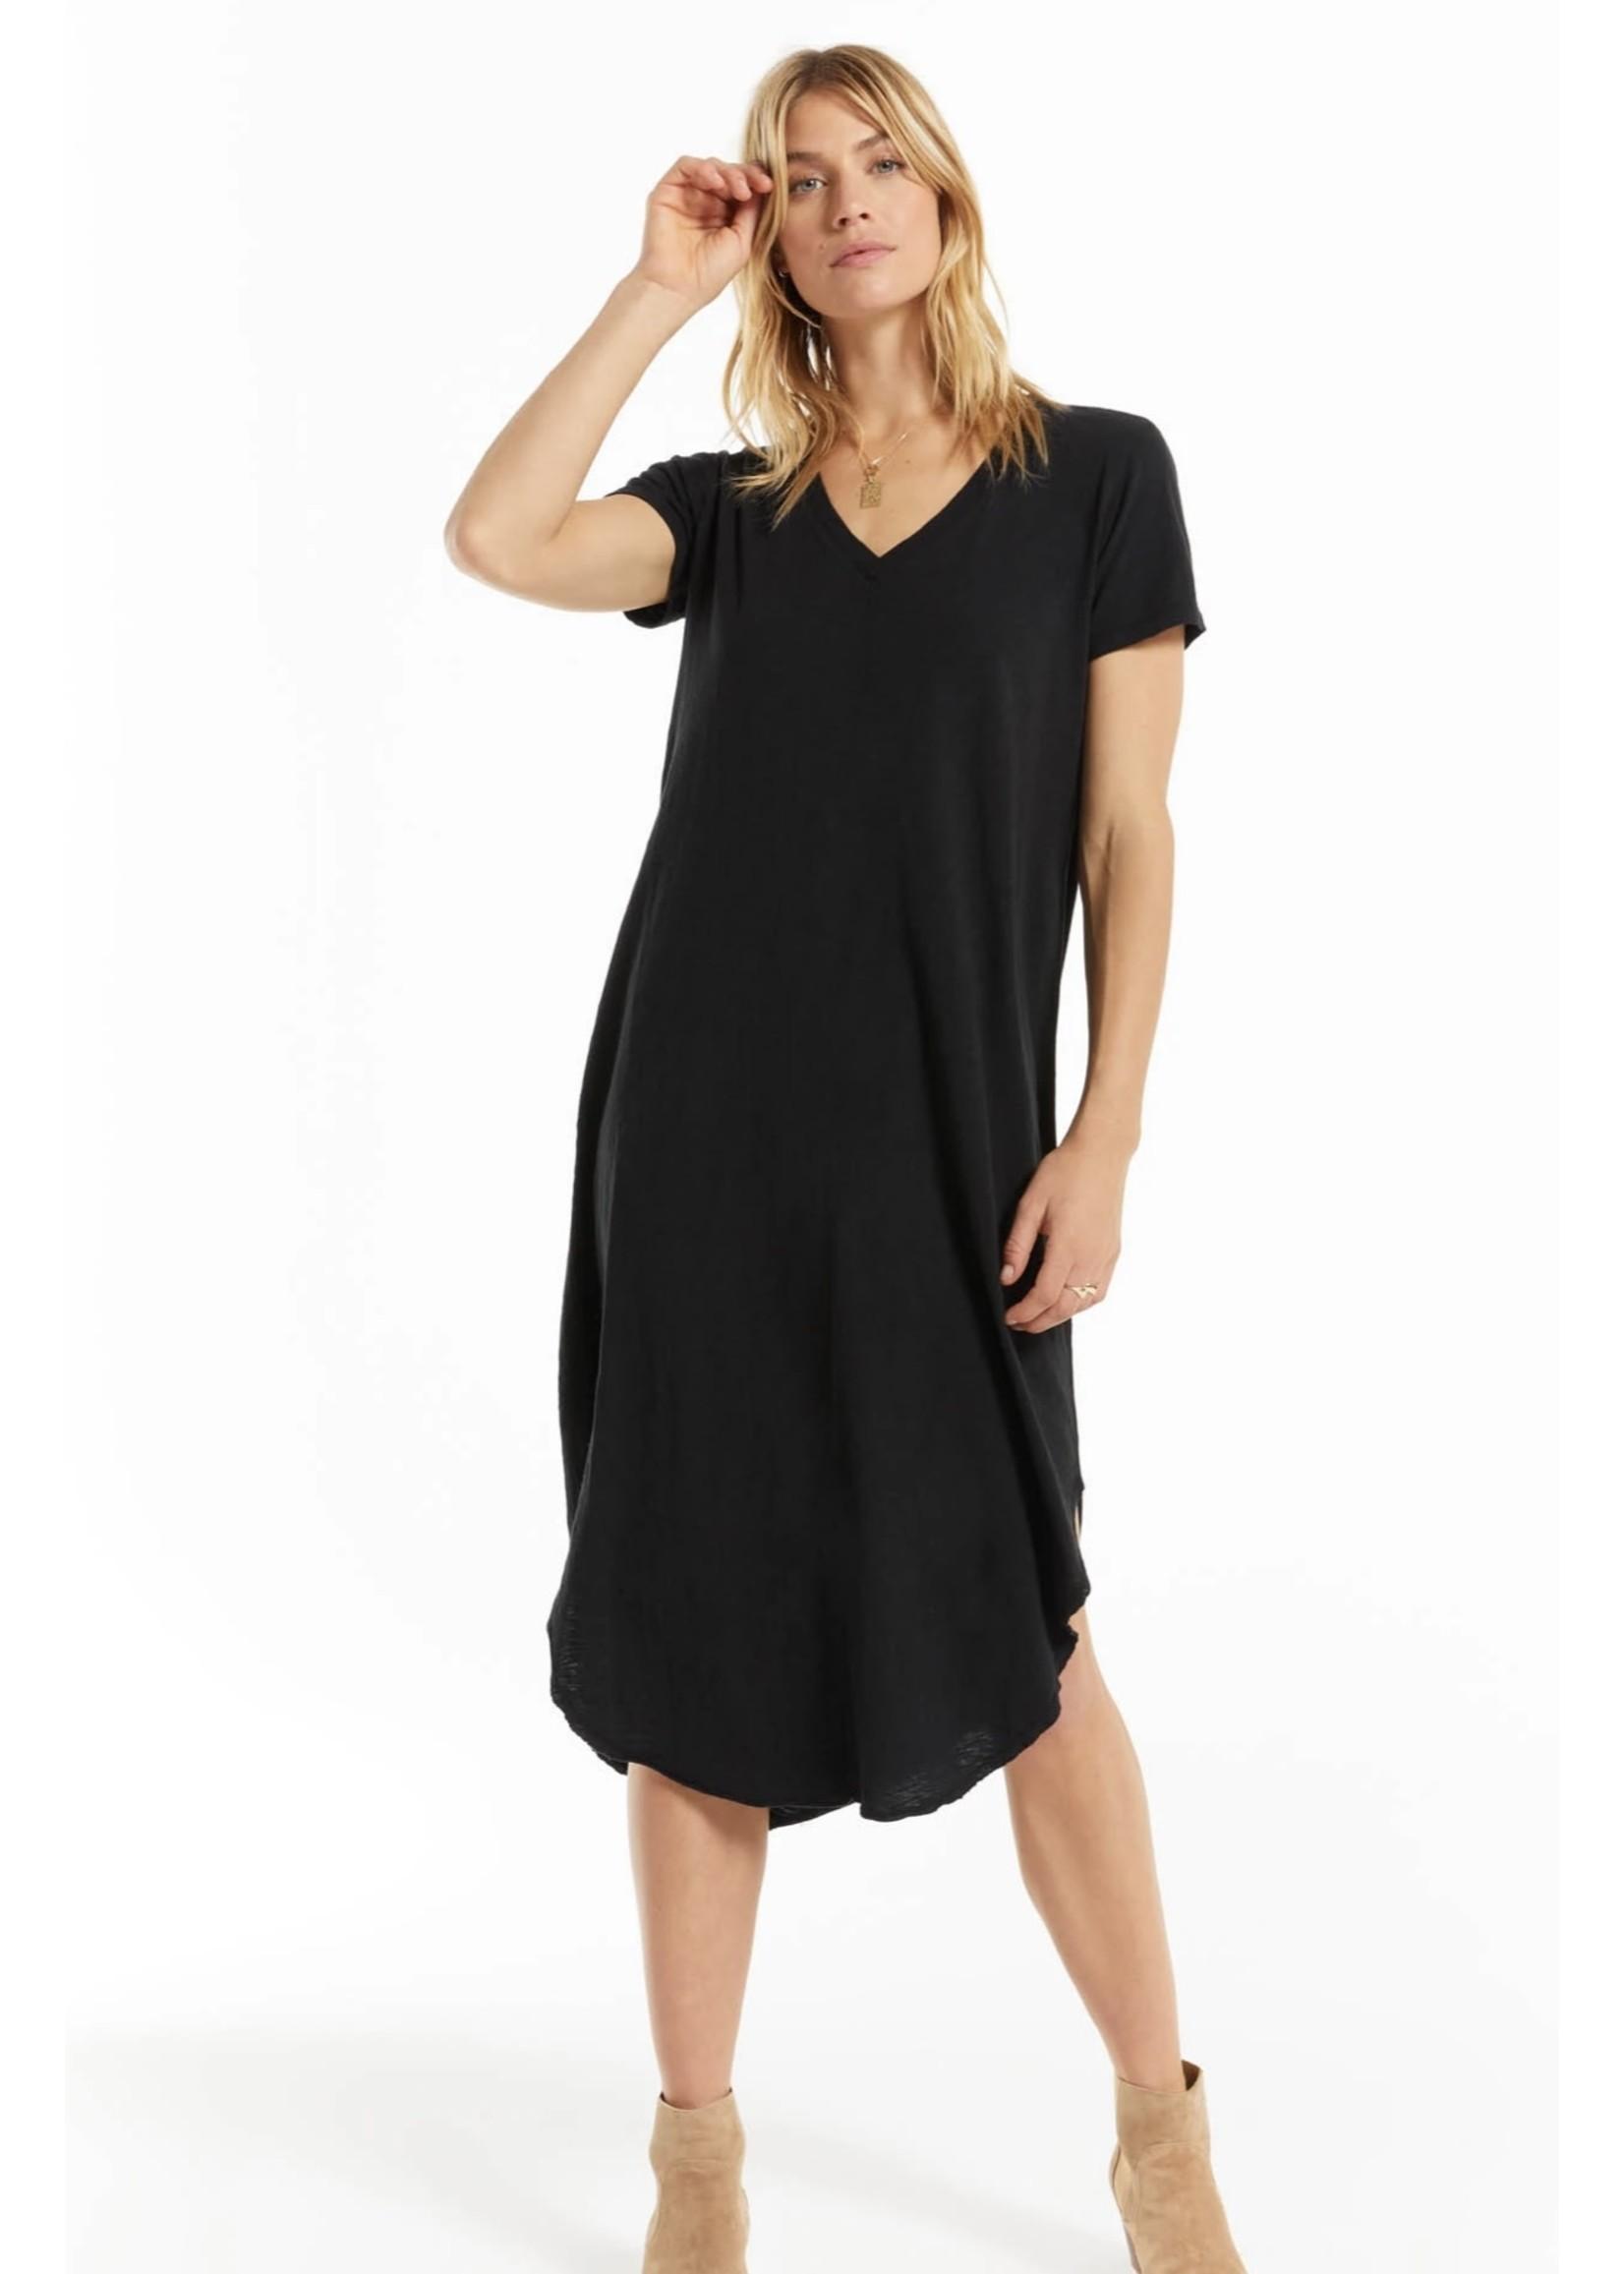 Z Supply Short Sleeved Reverie Dress - ZD213342